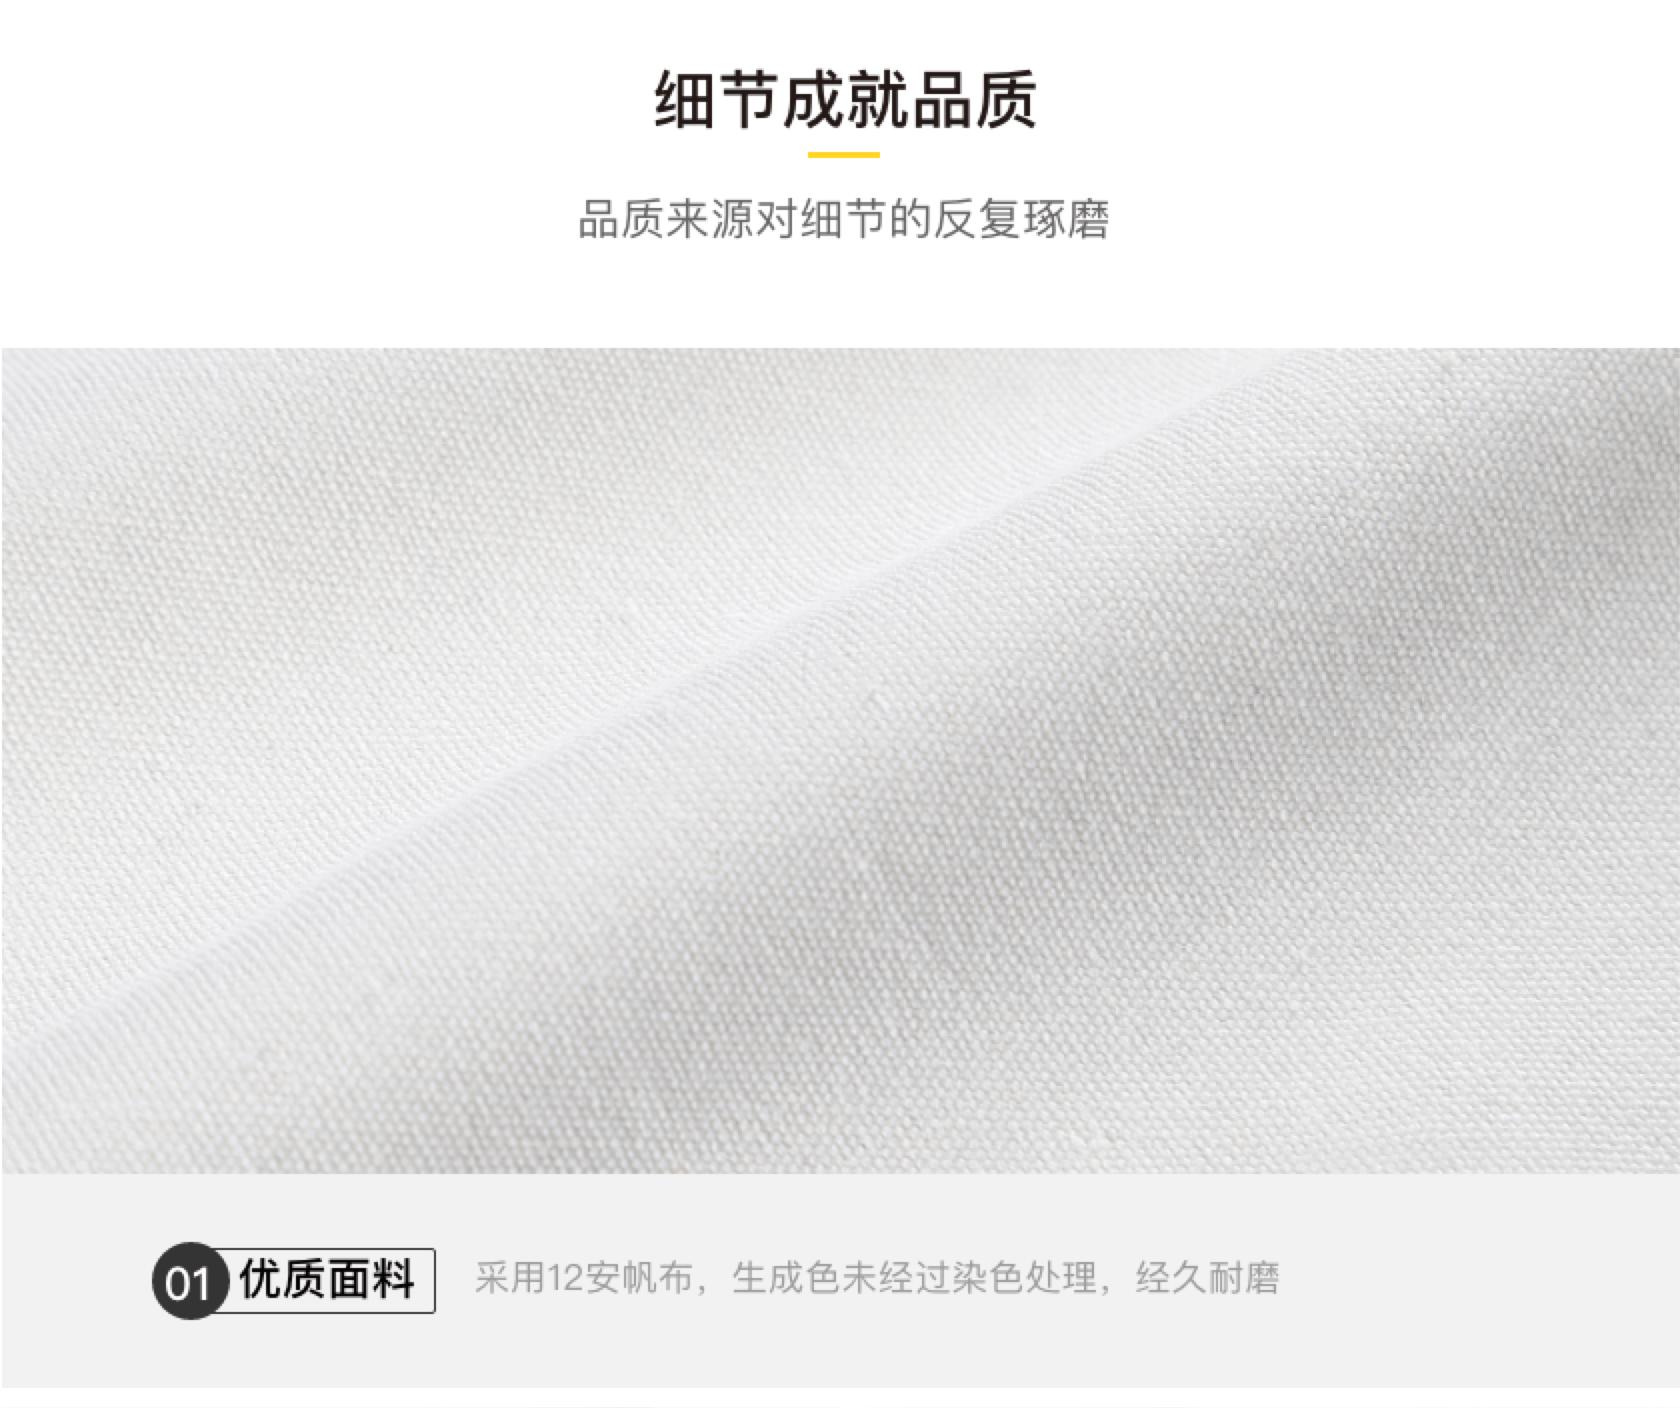 定制拉鏈帆布包細節1